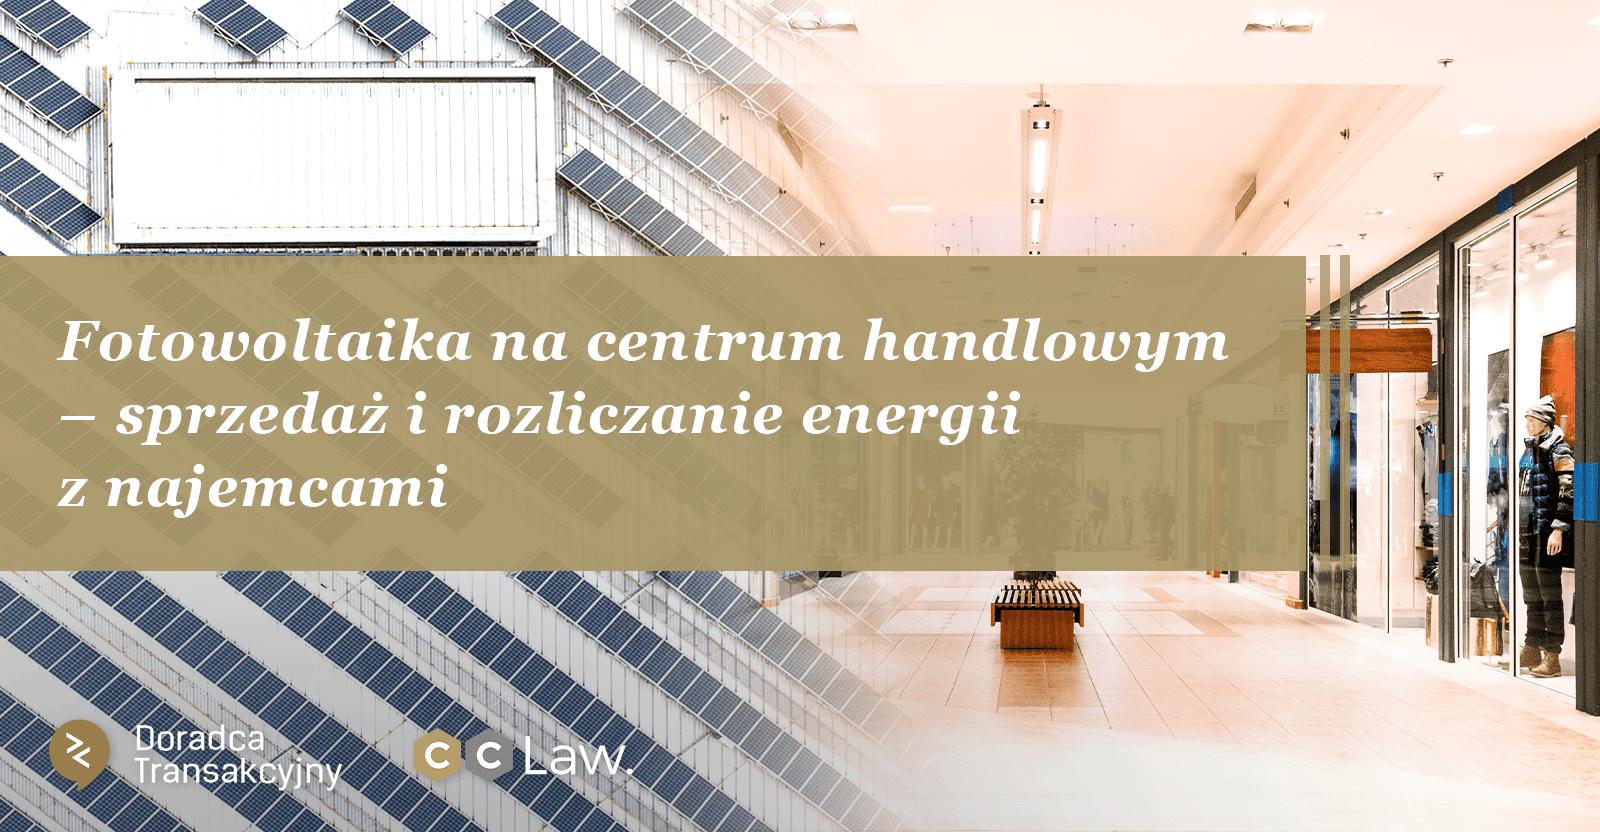 Fotowoltaika_na_centrum handlowym_01(1)